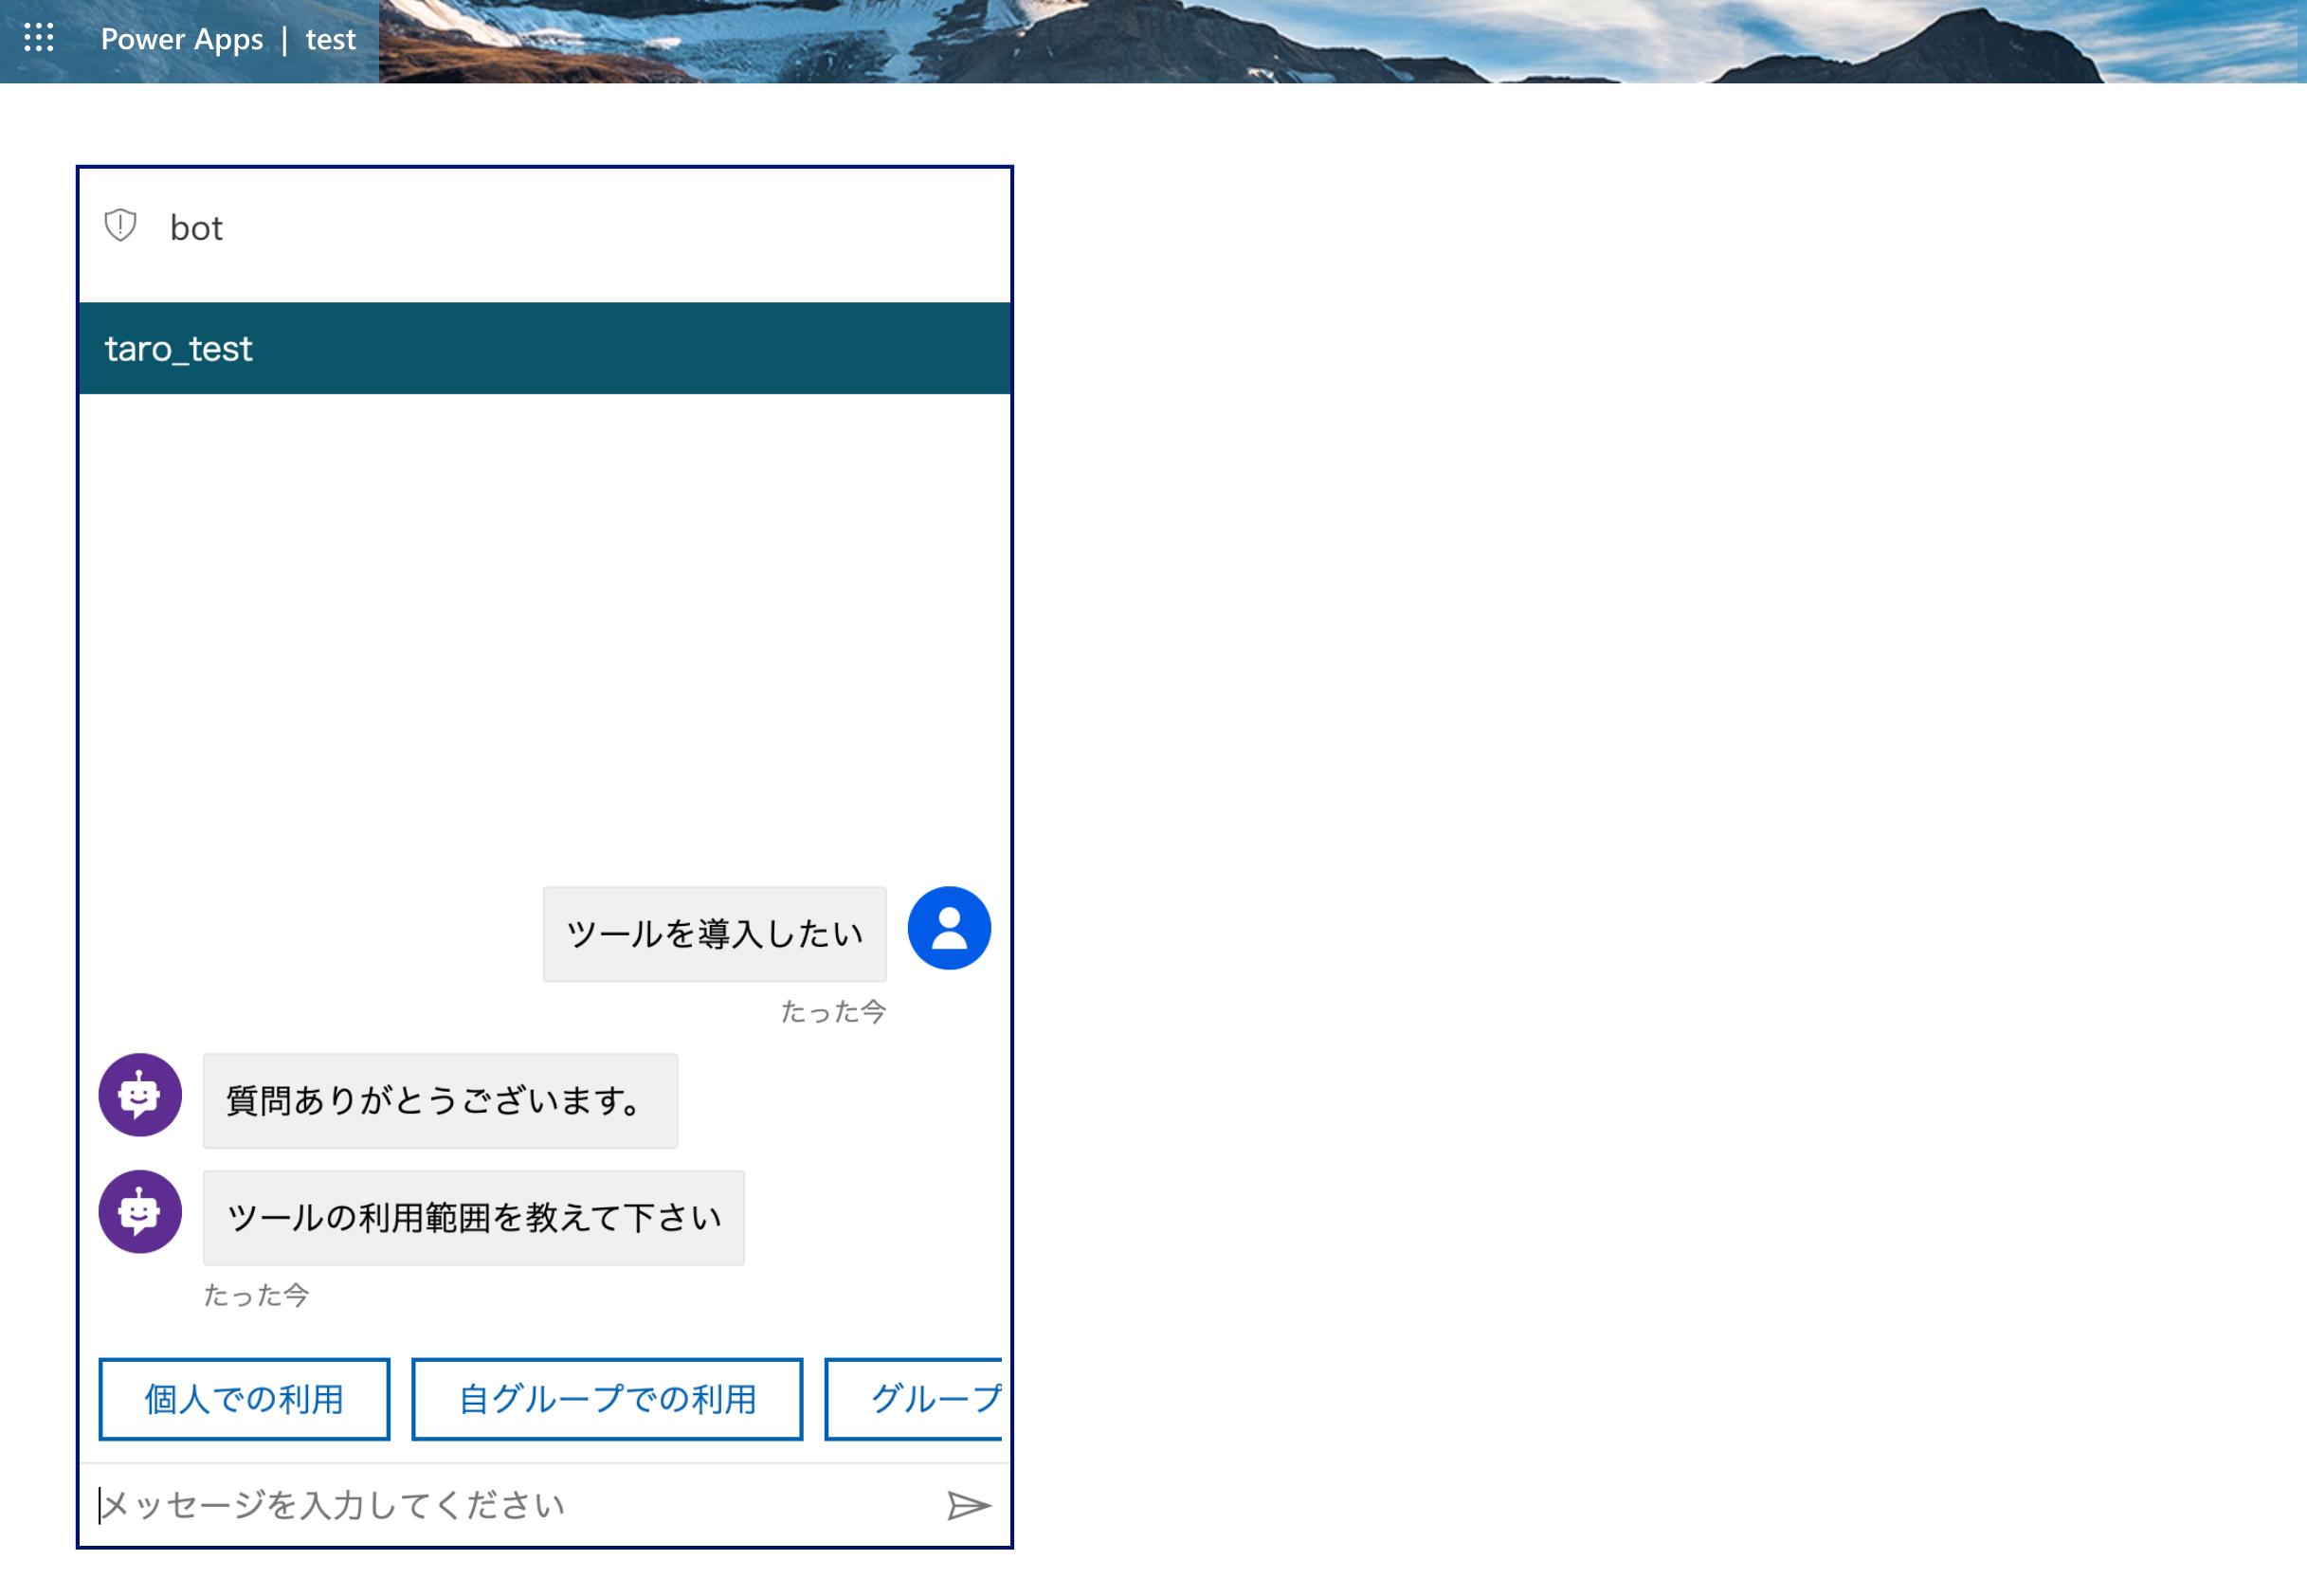 スクリーンショット 2019-12-08 15.02.49.png